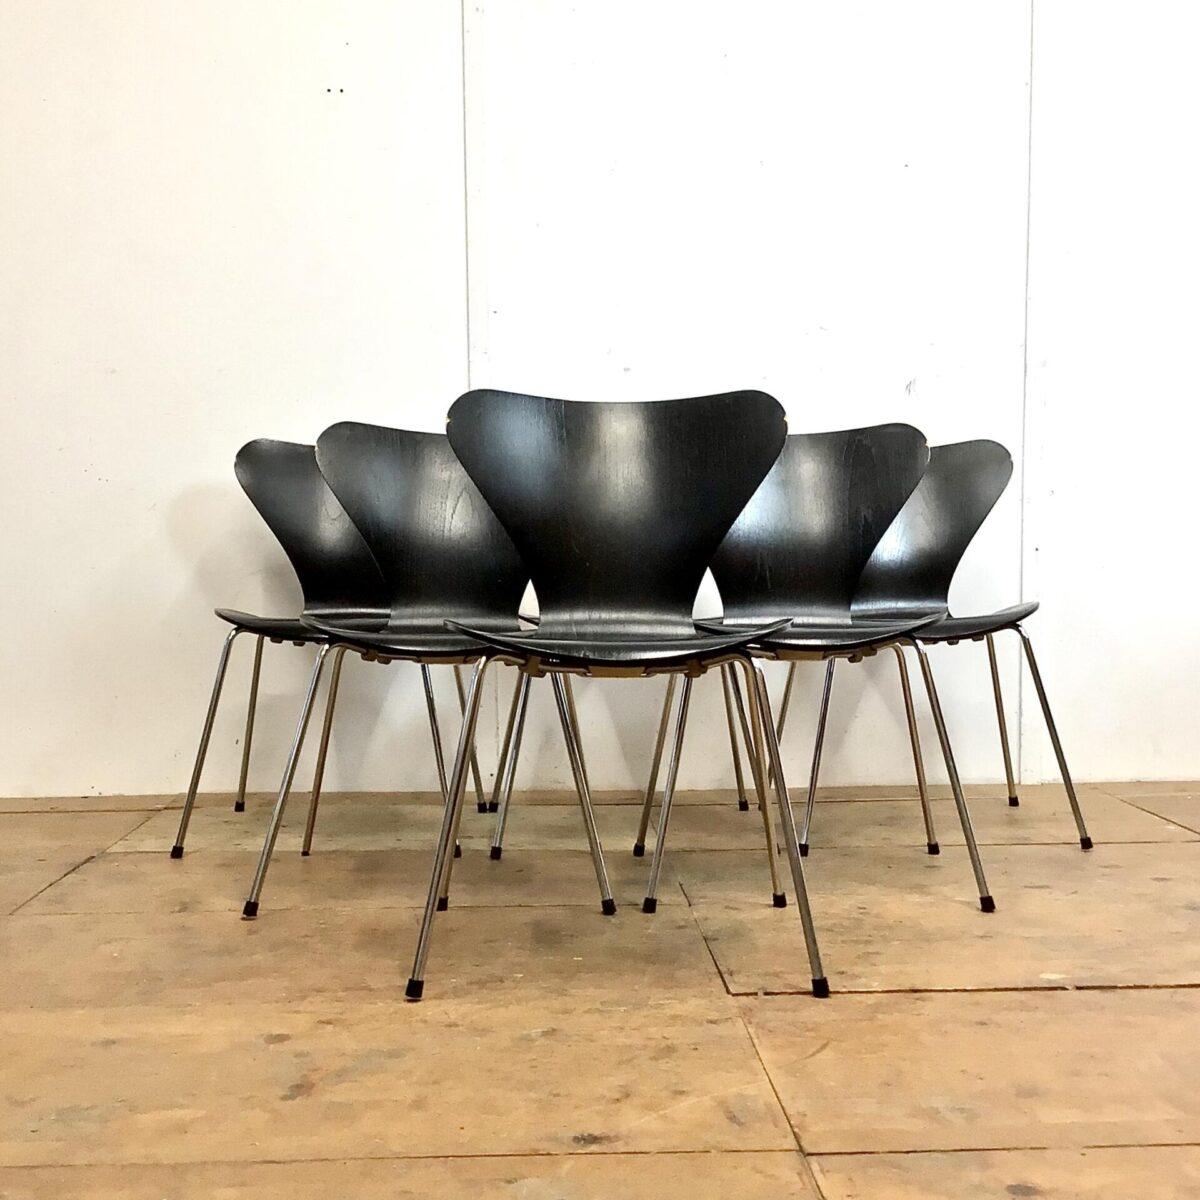 6 Arne Jacobsen Stühle von Fritz Hansen. Schwarze Esszimmer Stühle stapelbar, technisch in gutem Zustand. Die Lehnen haben oben kleinere Farb abplatzer, vom Kontakt mit der Tischkante. Der Serie 7 Stuhl ist ein bewährter weit verbreiteter Stapelstuhl. Welcher in Mensas oder als Saalbestuhlung eingesetzt wird. Aber auch im Privatgebrauch sehr bequem schlicht, und zeitlos im Design.